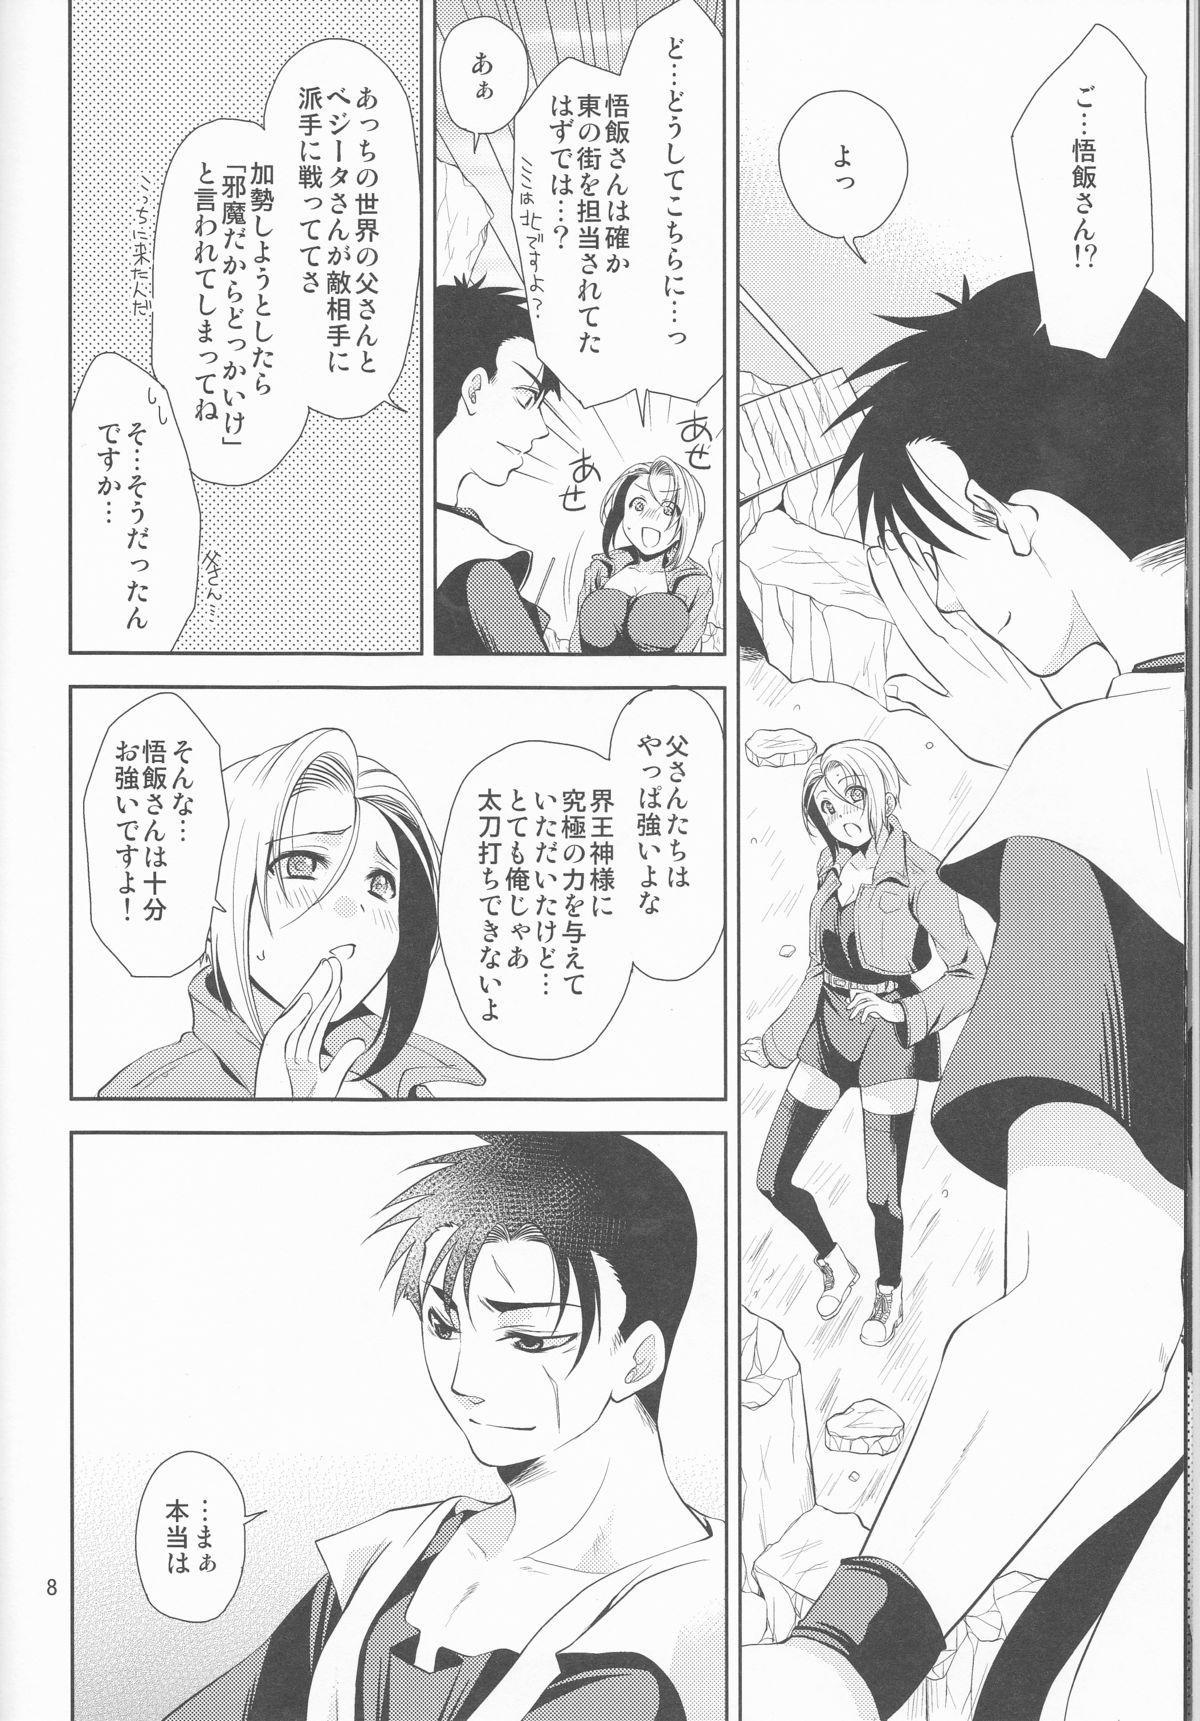 Soshite Boku wa Sono Suisen ni Miirareta. 7